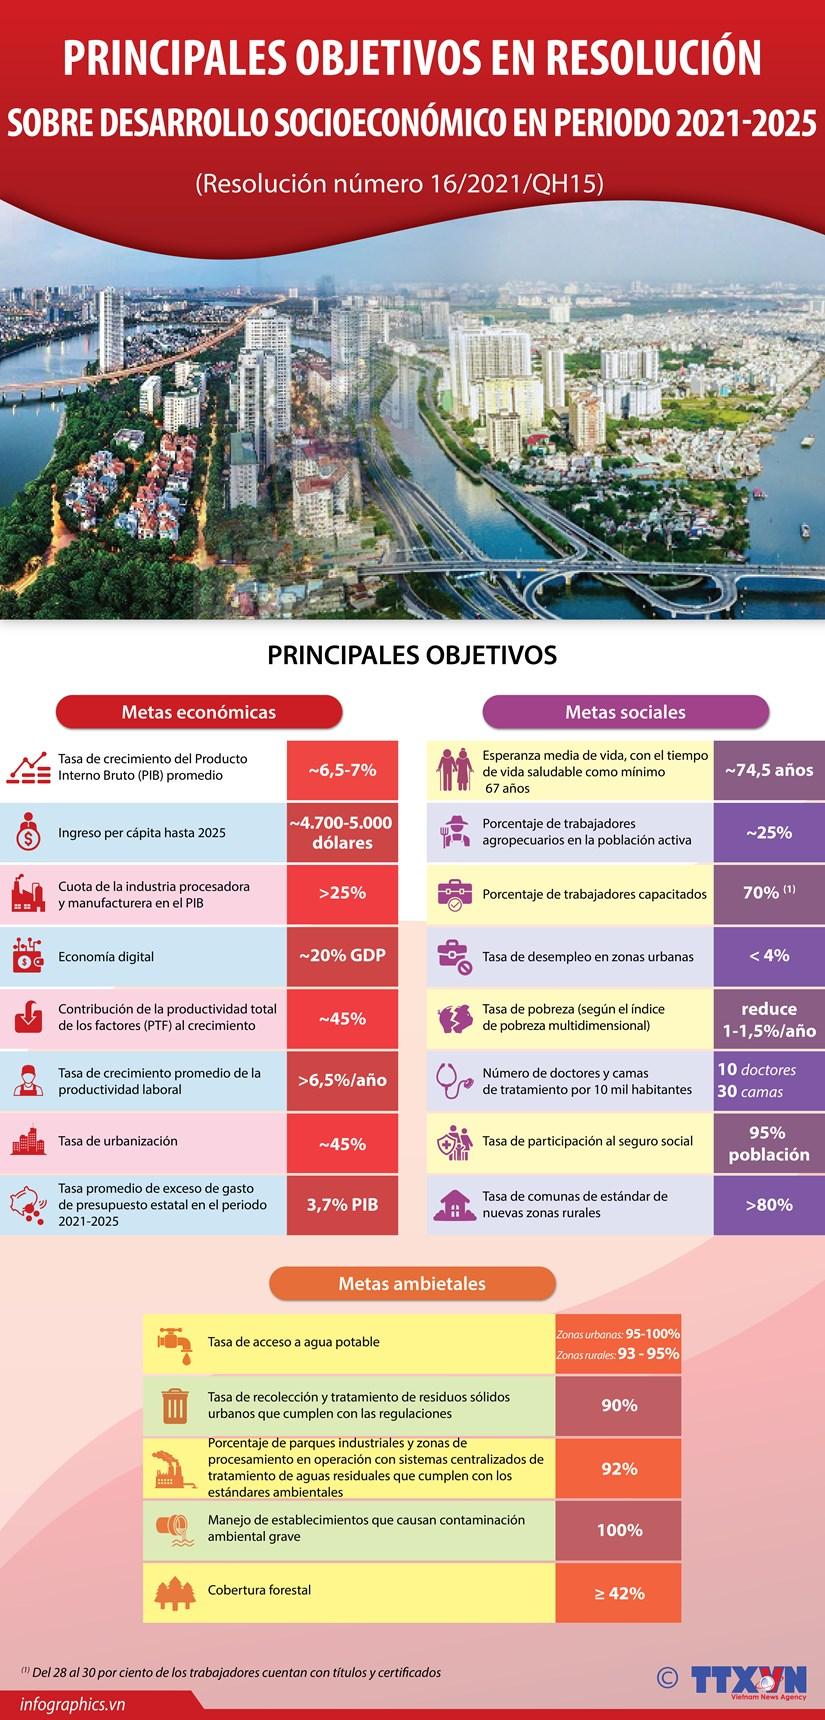 Resolucion sobre desarrollo socioeconomico de Vietnam en periodo 2021-2025 hinh anh 1